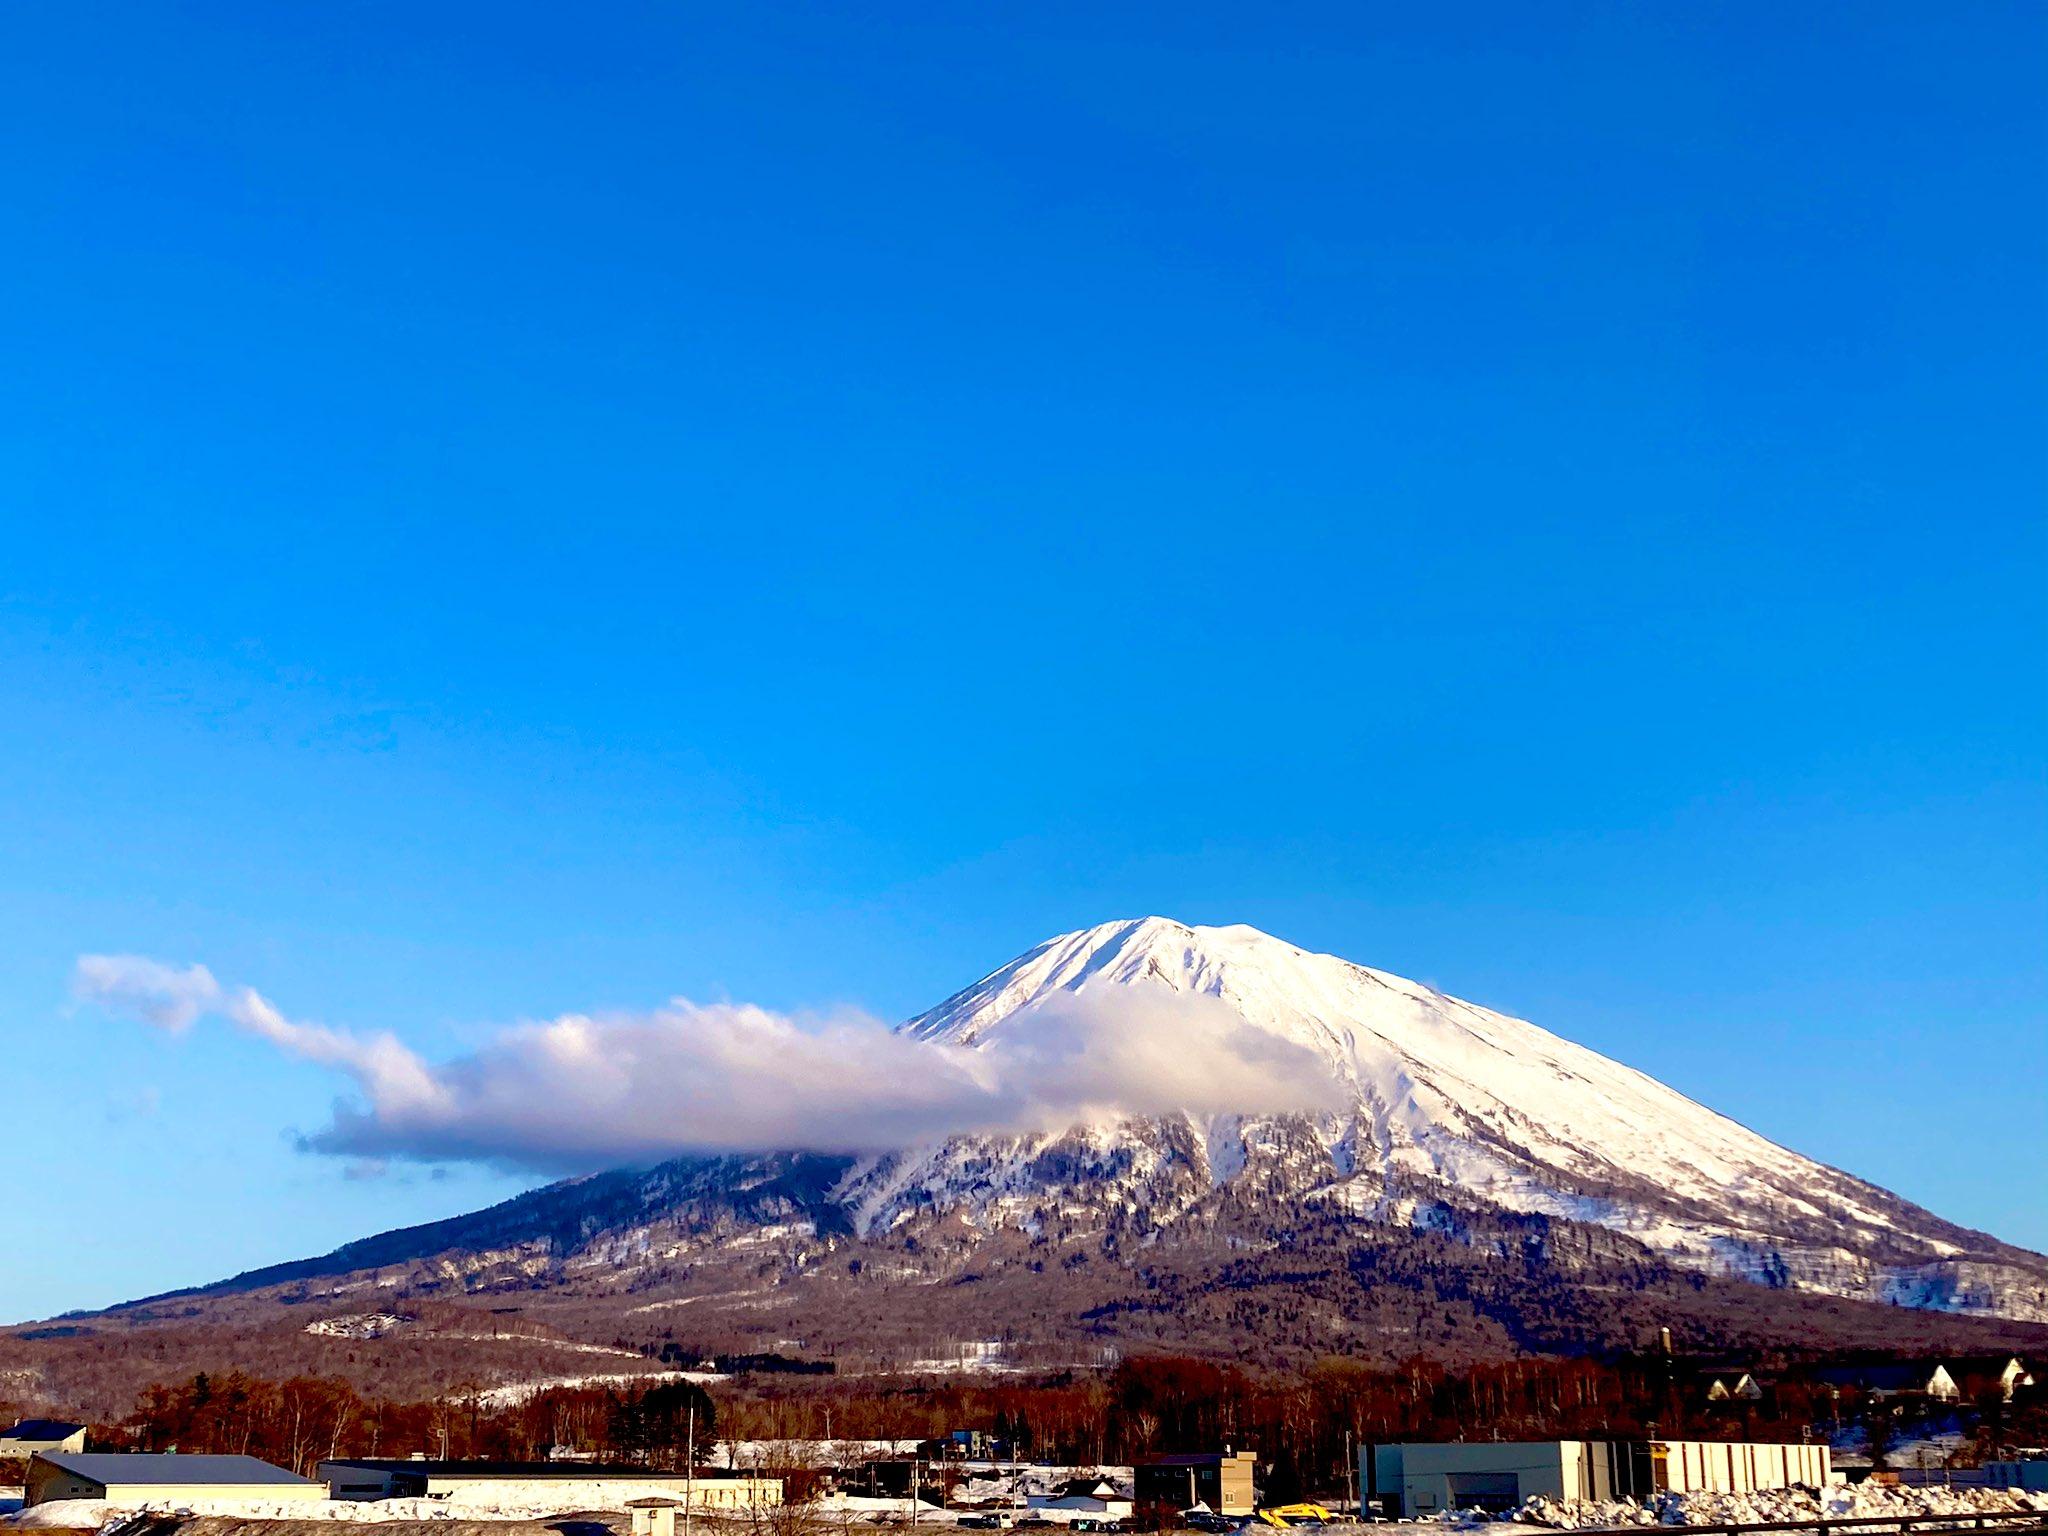 ホテル前から見える羊蹄山と思われる山